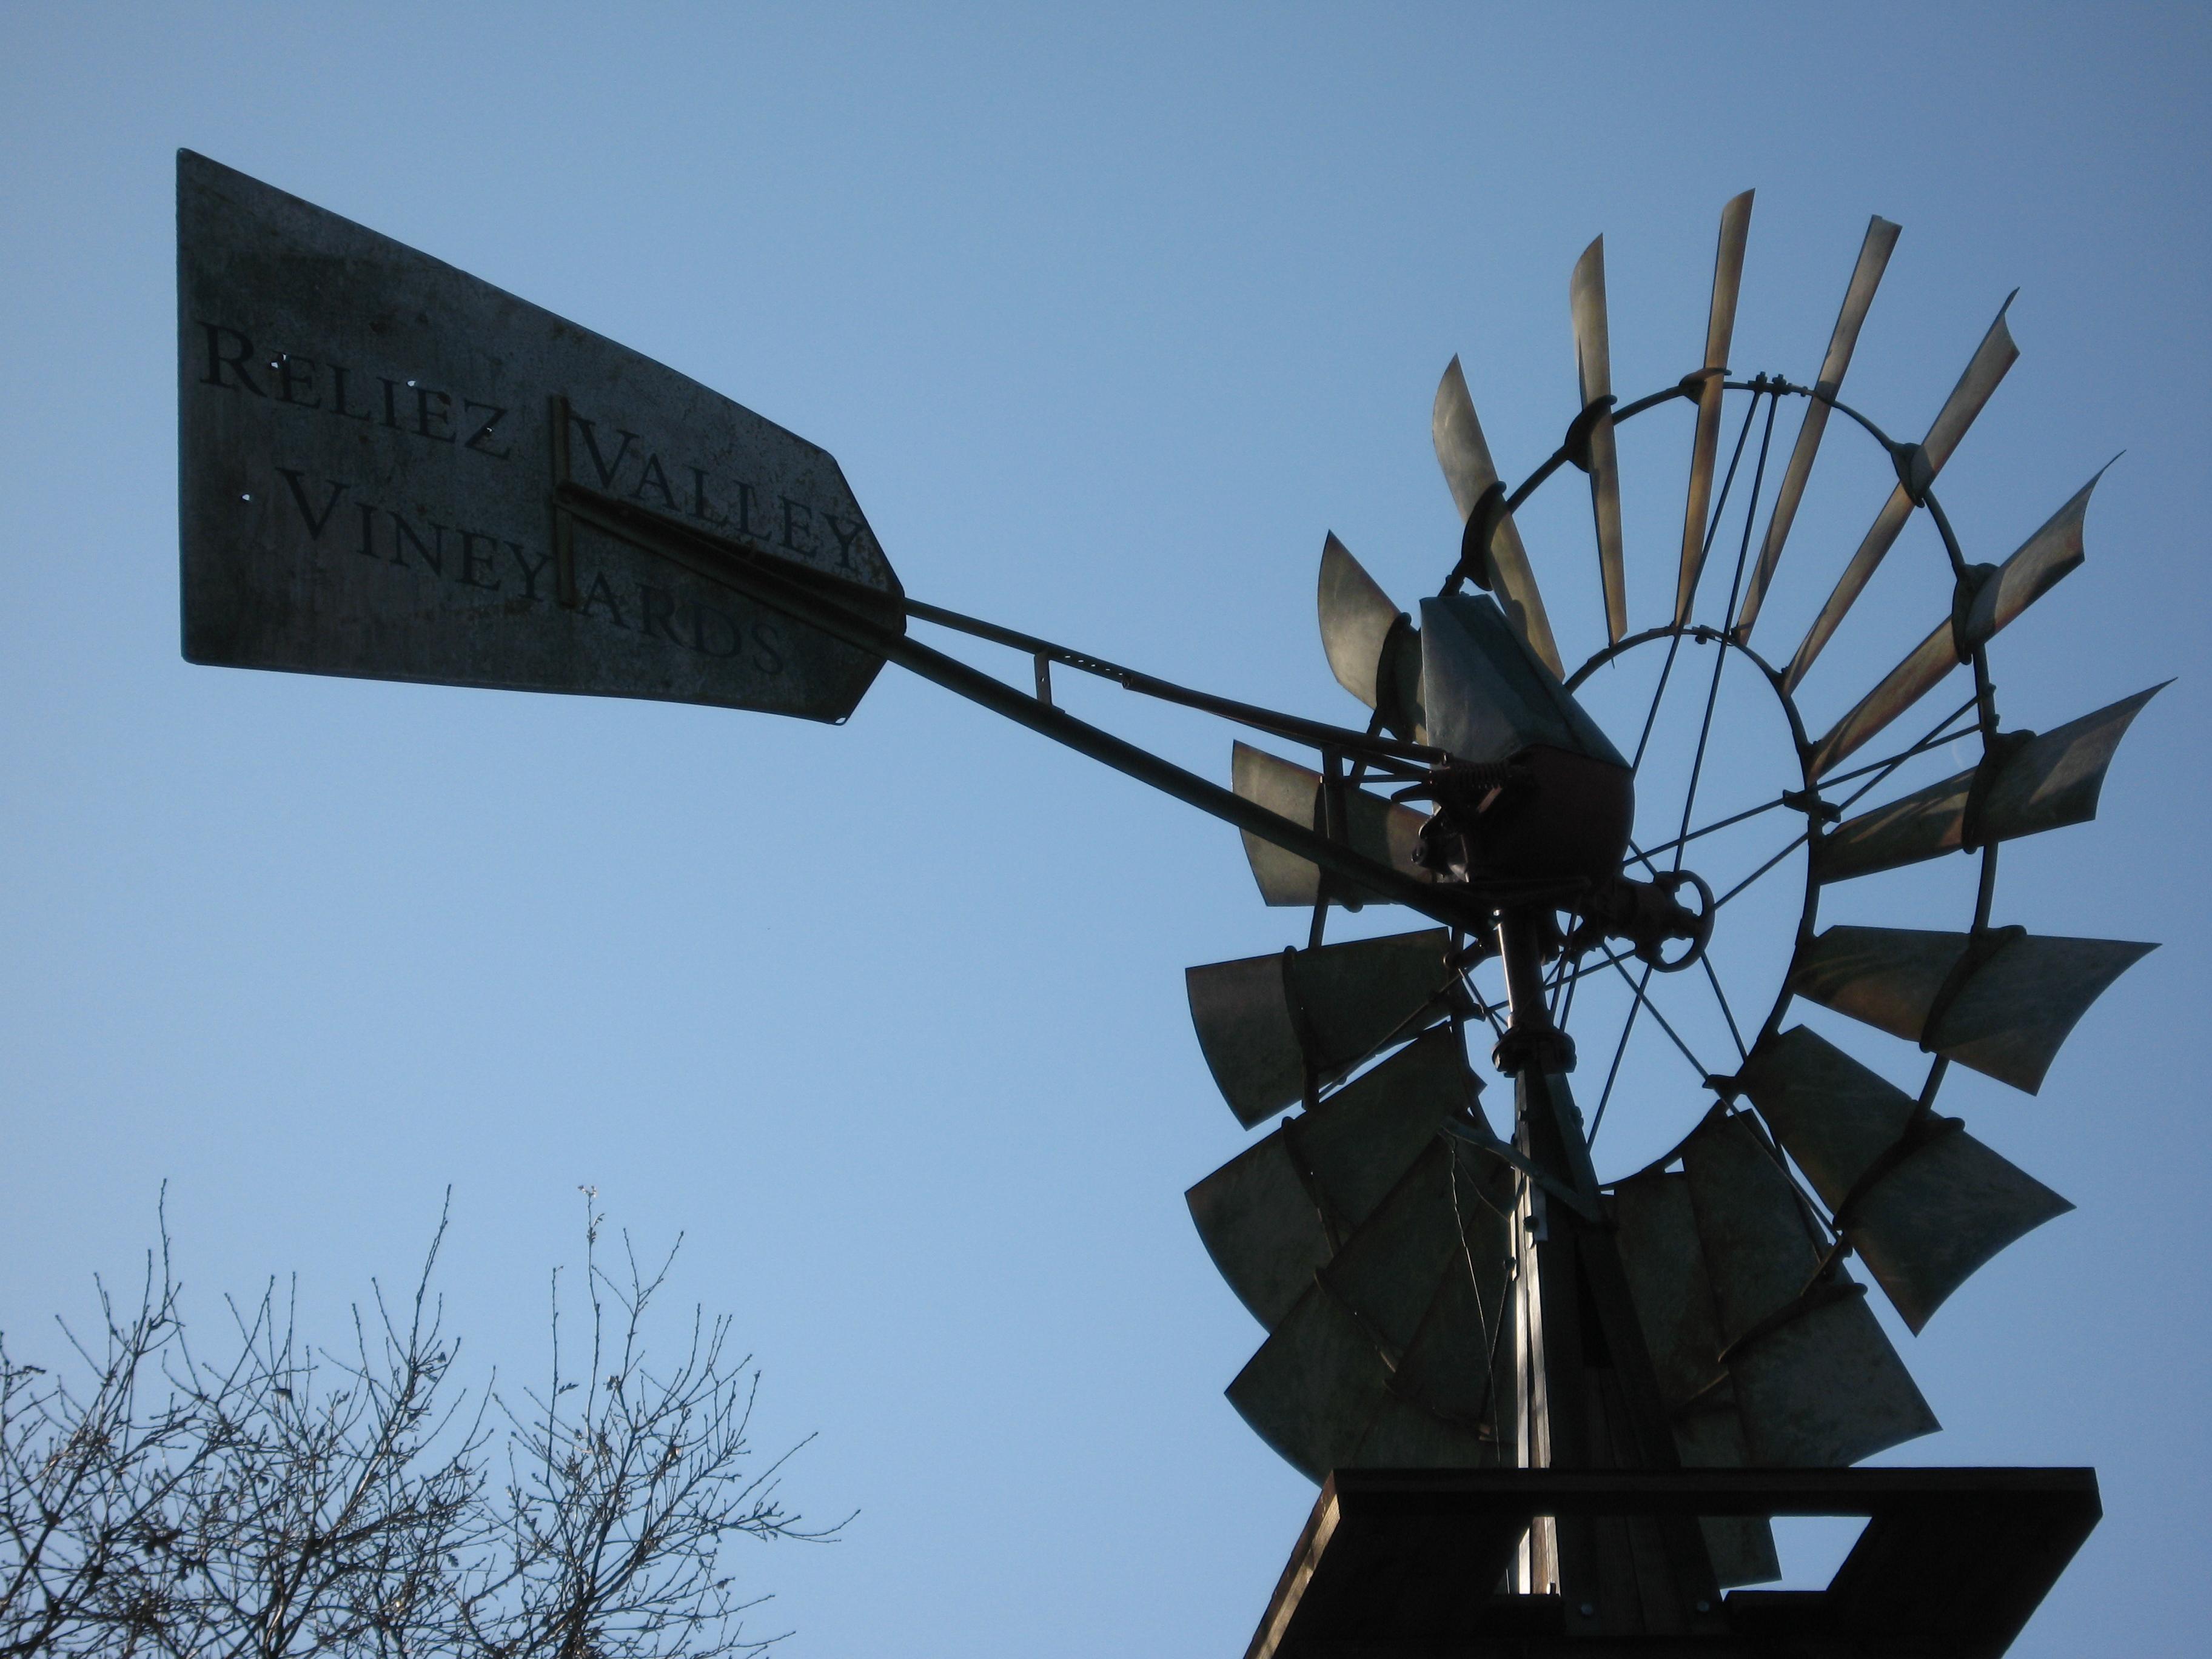 Windmill at Reliez Valley Vineyards